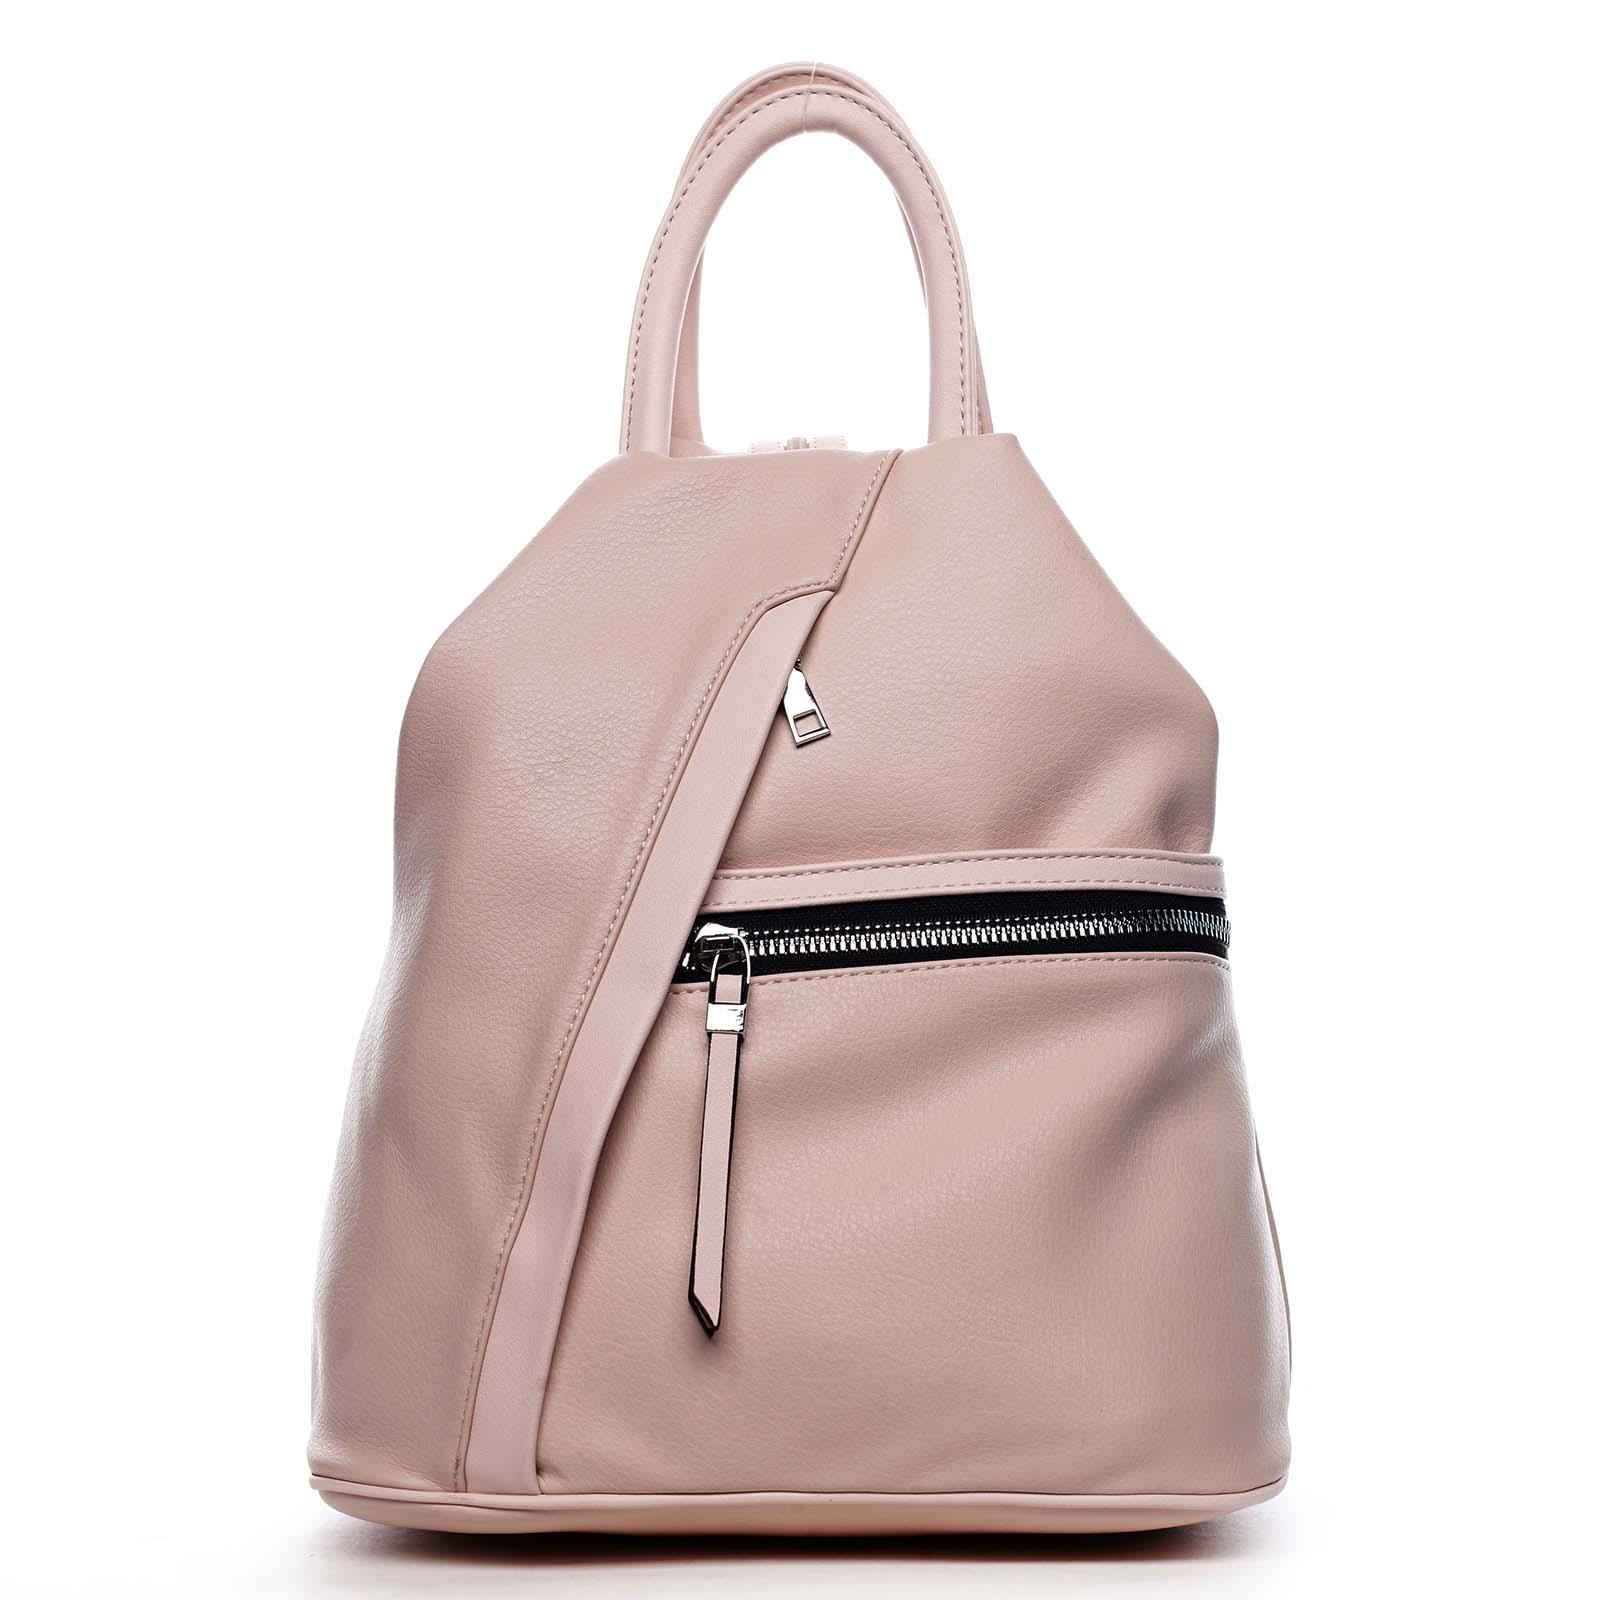 Originální dámský batoh kabelka růžový - Romina Imvelaphi růžová